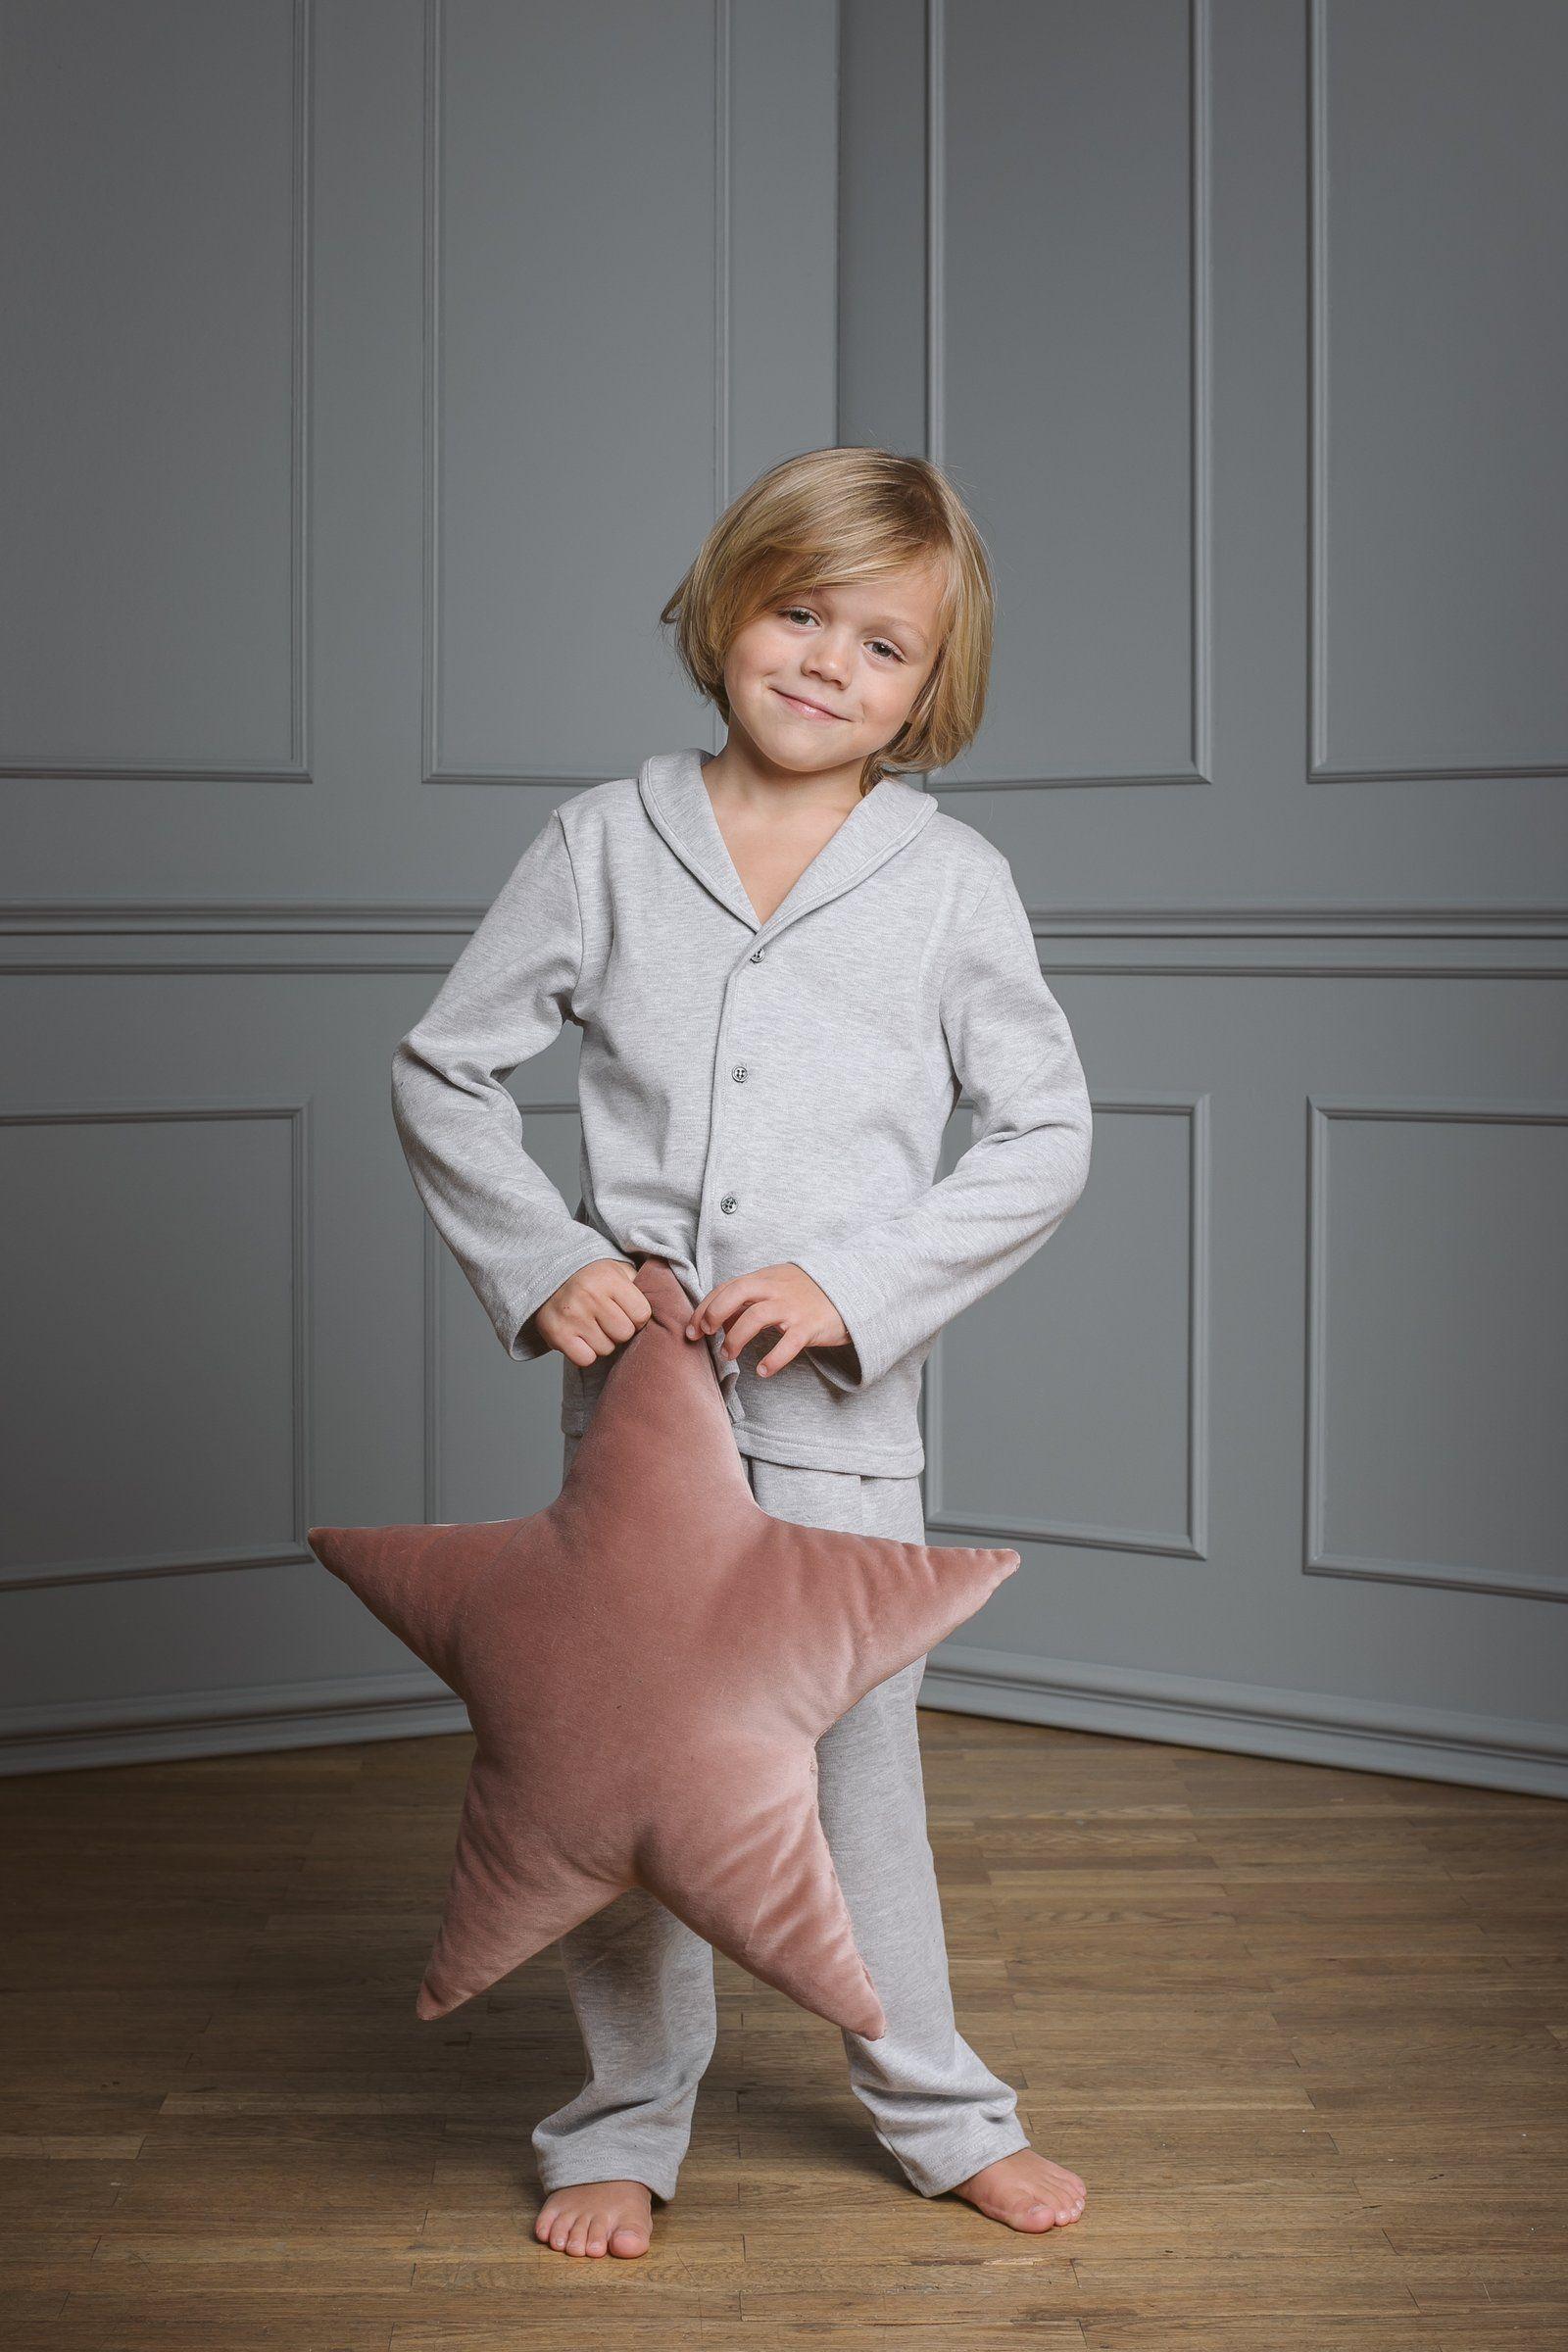 dbb7586a01a8 SAM GREY MELANGE -  Kids  Boys  Children  Nightwear  Sleepwear  Nightclothes   Homewear  amikichildren